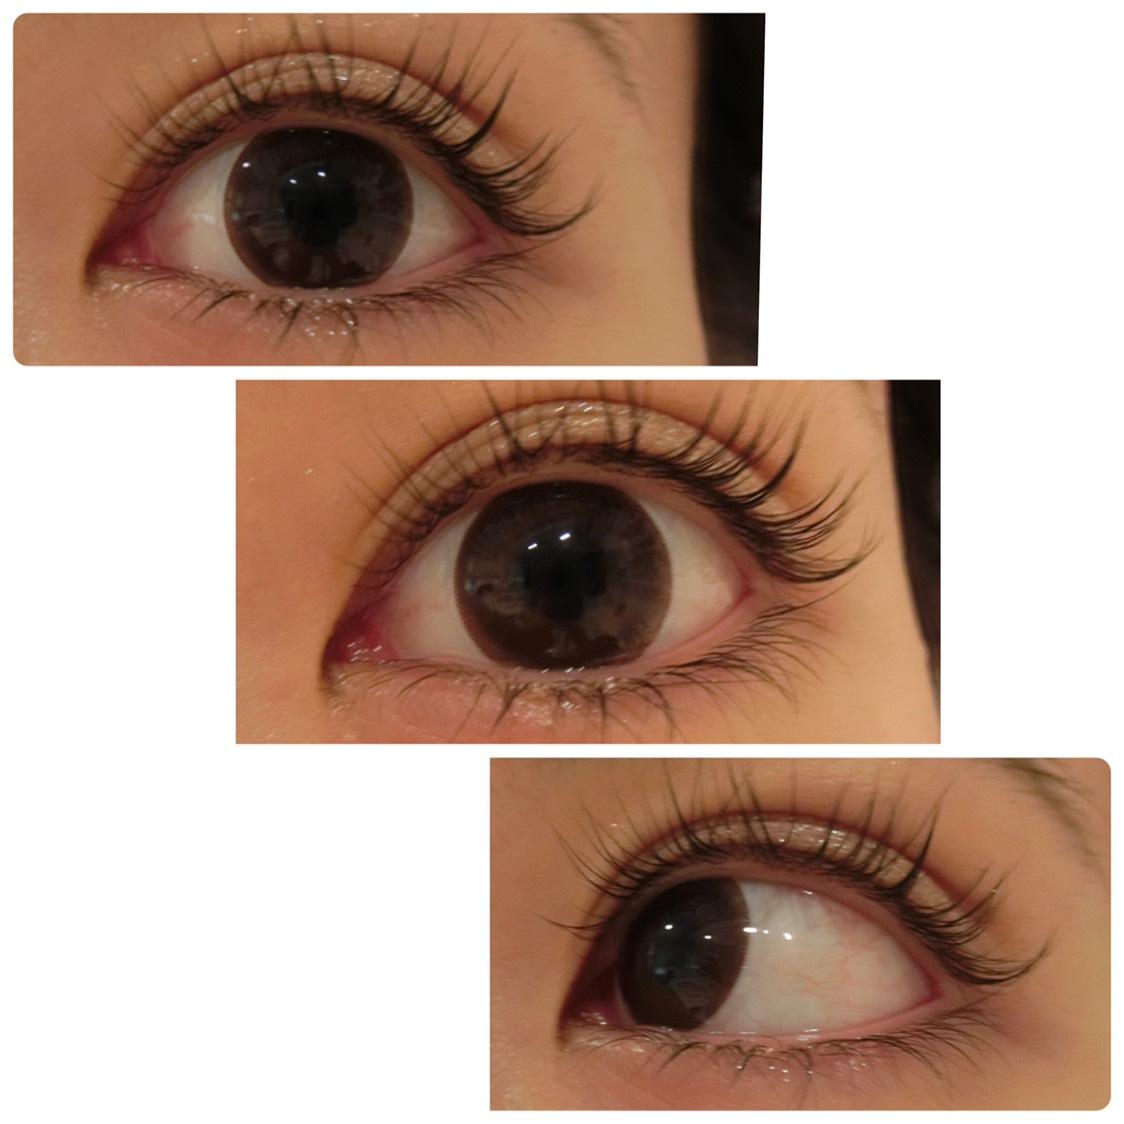 眼科で買える安心感! ナチュラルにくっきりする瞳! UVカットもできるみたいなので 普段使いにしています✨✌️